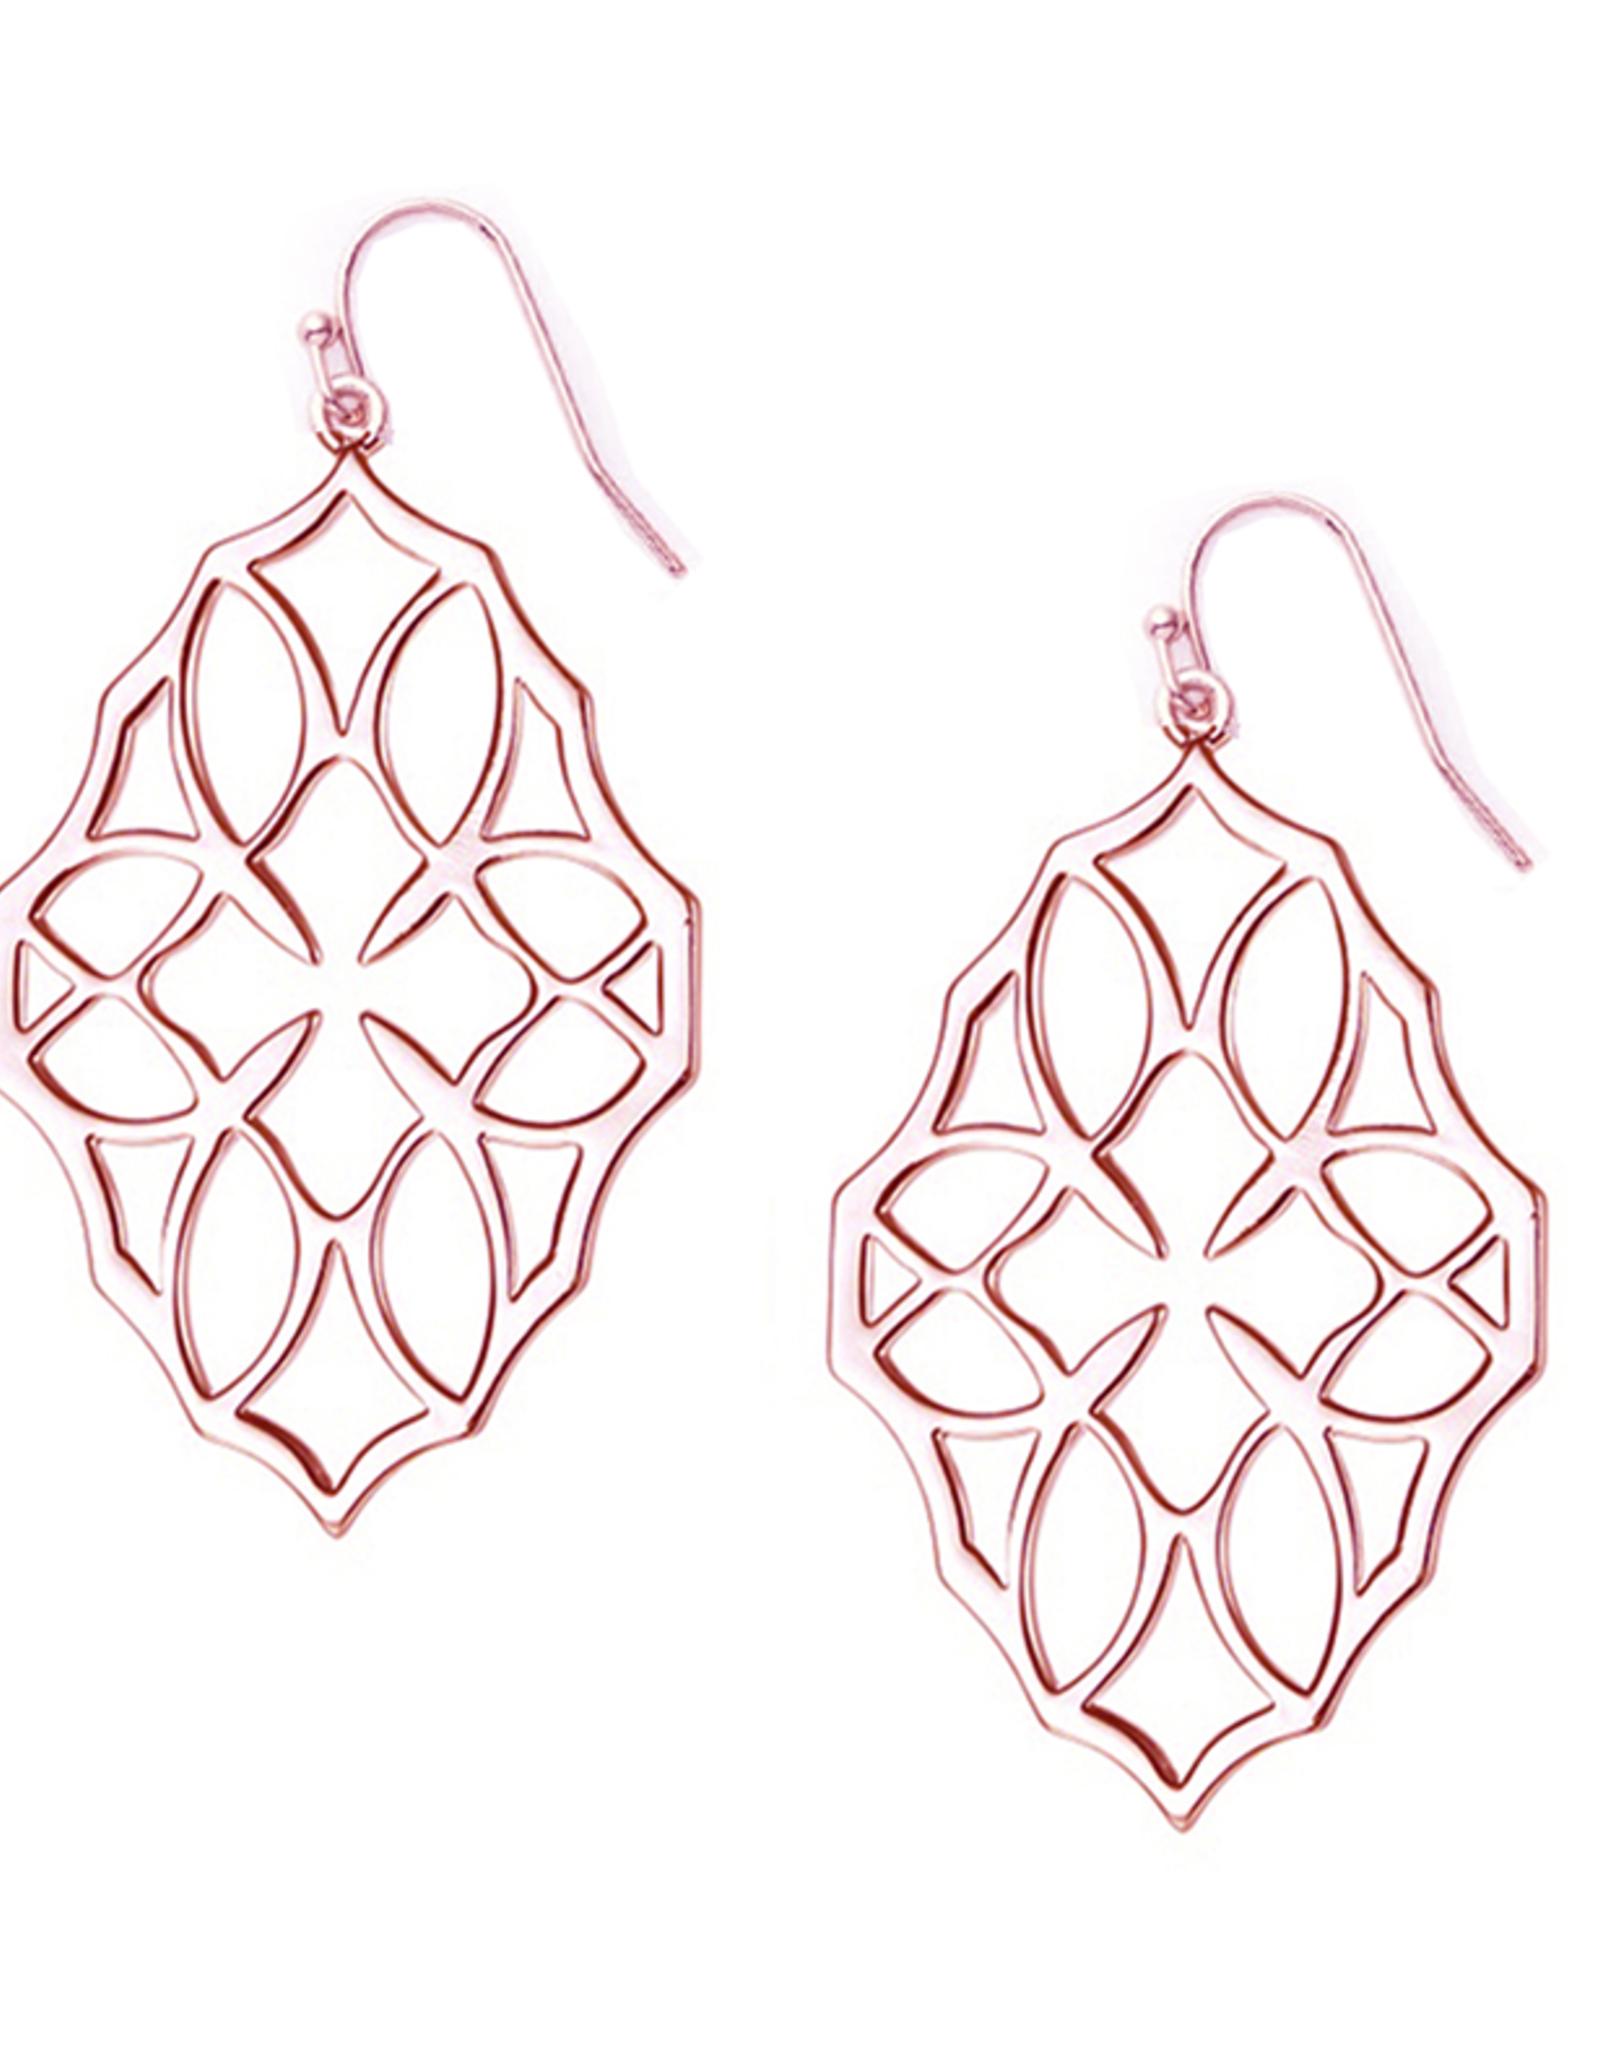 Natalie Wood Designs Believer Large Cross Earrings - Rose Gold